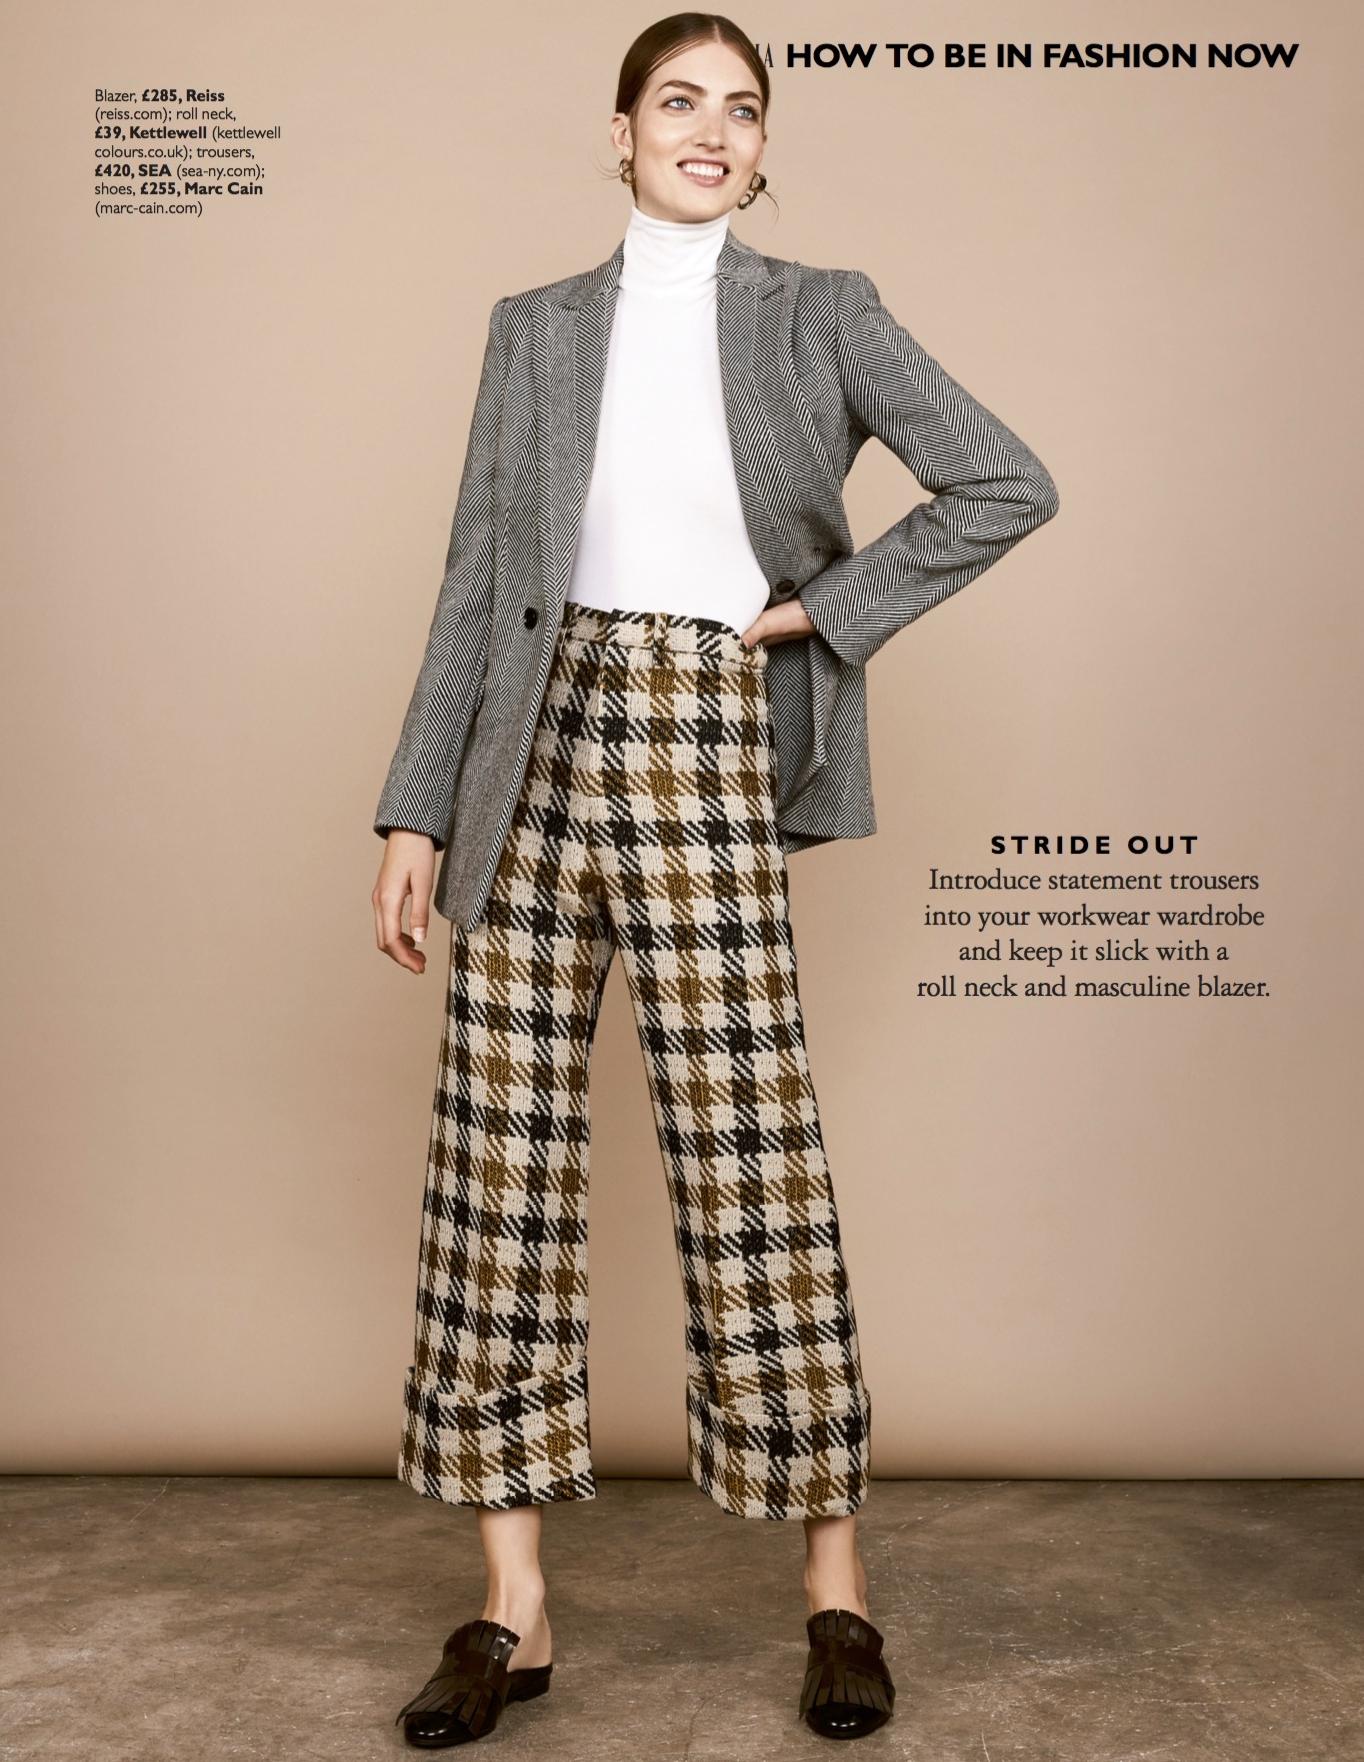 Fashion_Wardrobe Workshop Workwear_pdf_2 copy.jpg